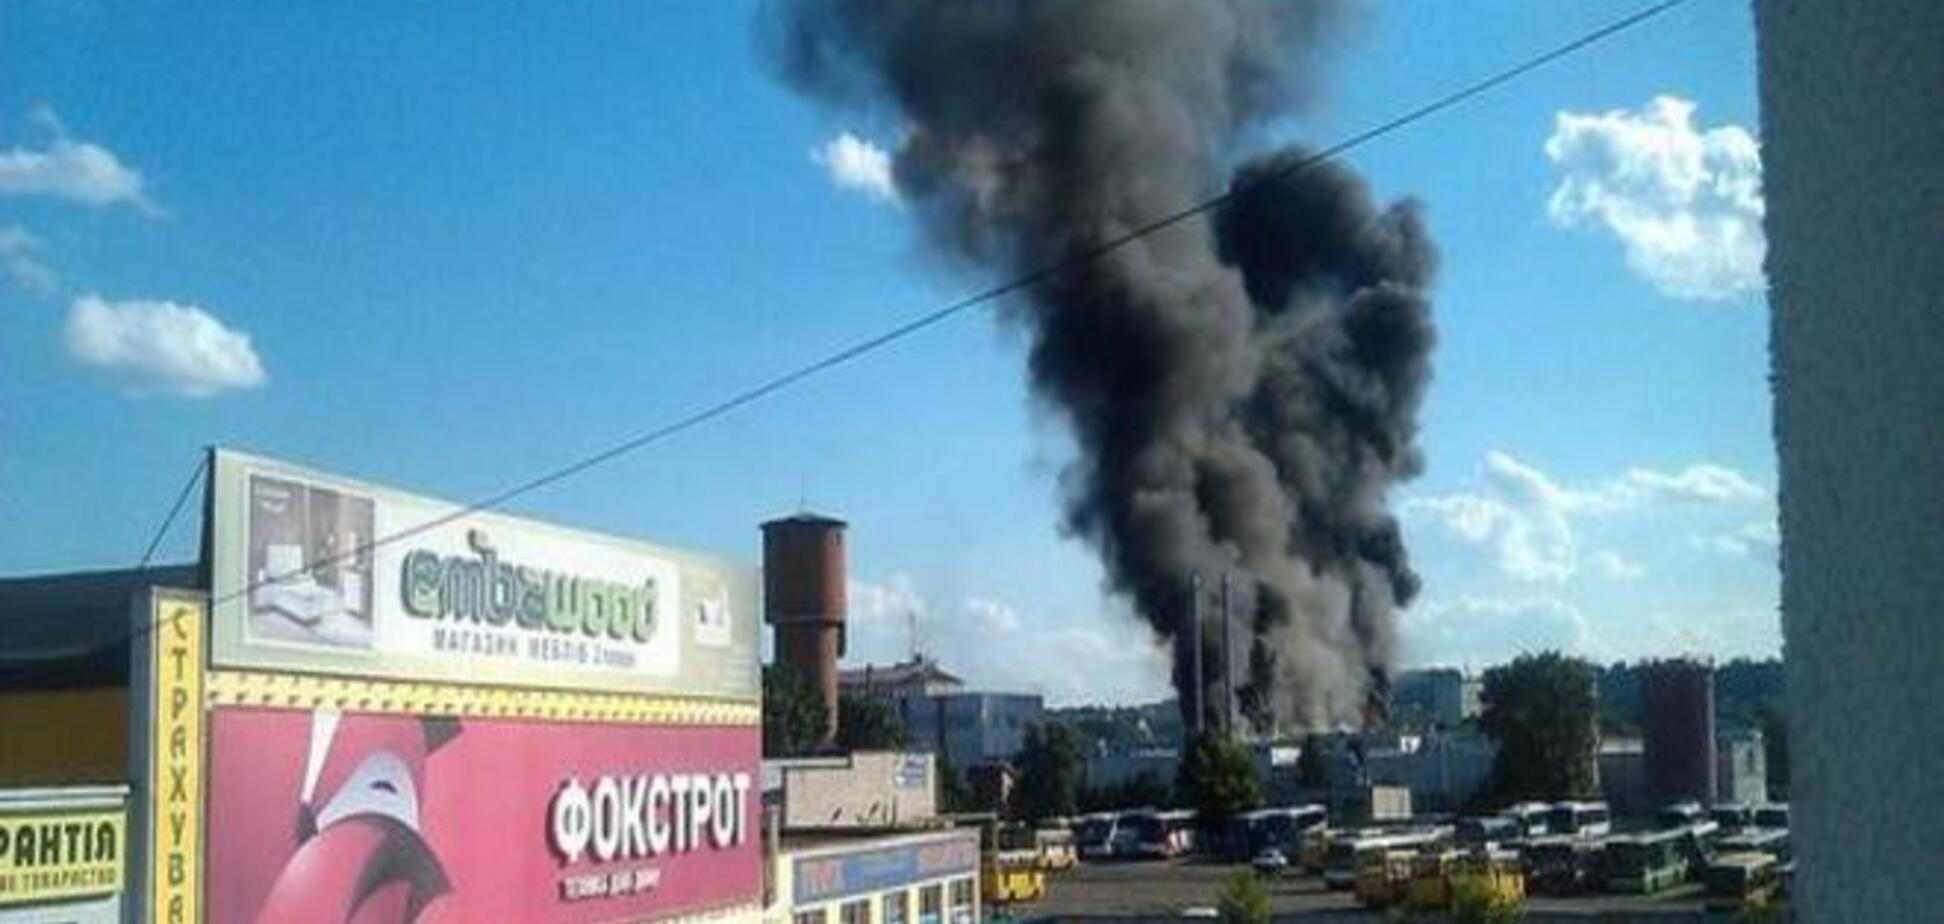 Во Львове горели склады Coca-Cola. Фото - и видеофакт